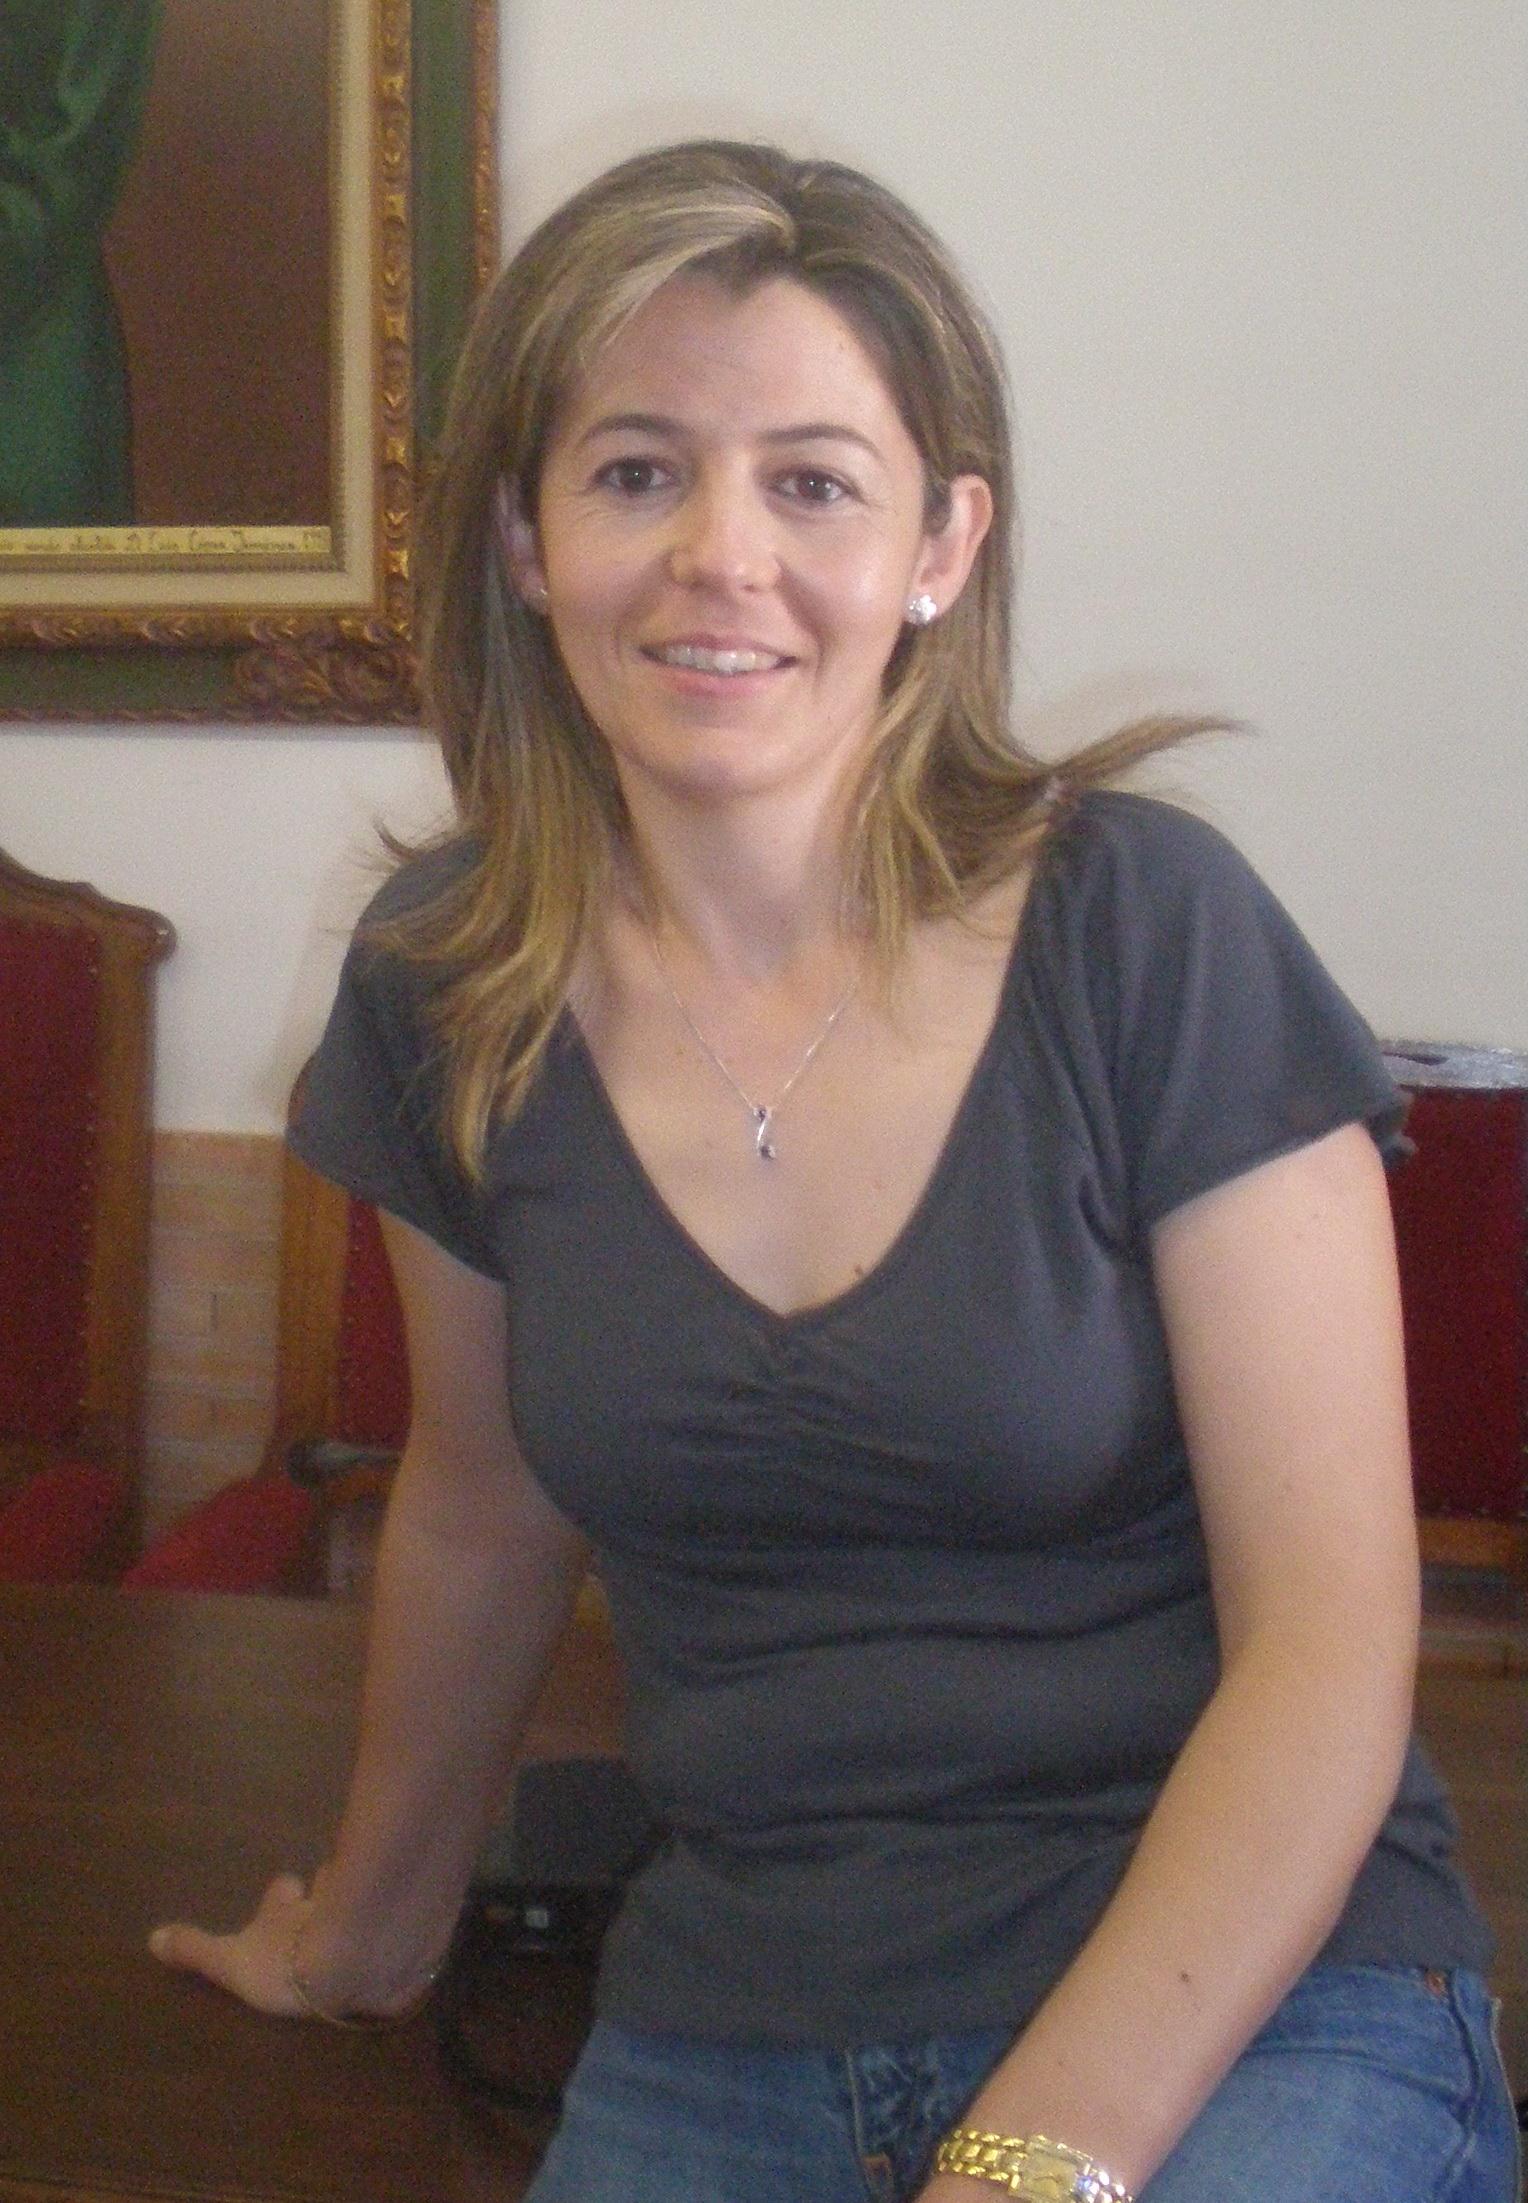 MªCarmen Andreo Soriano